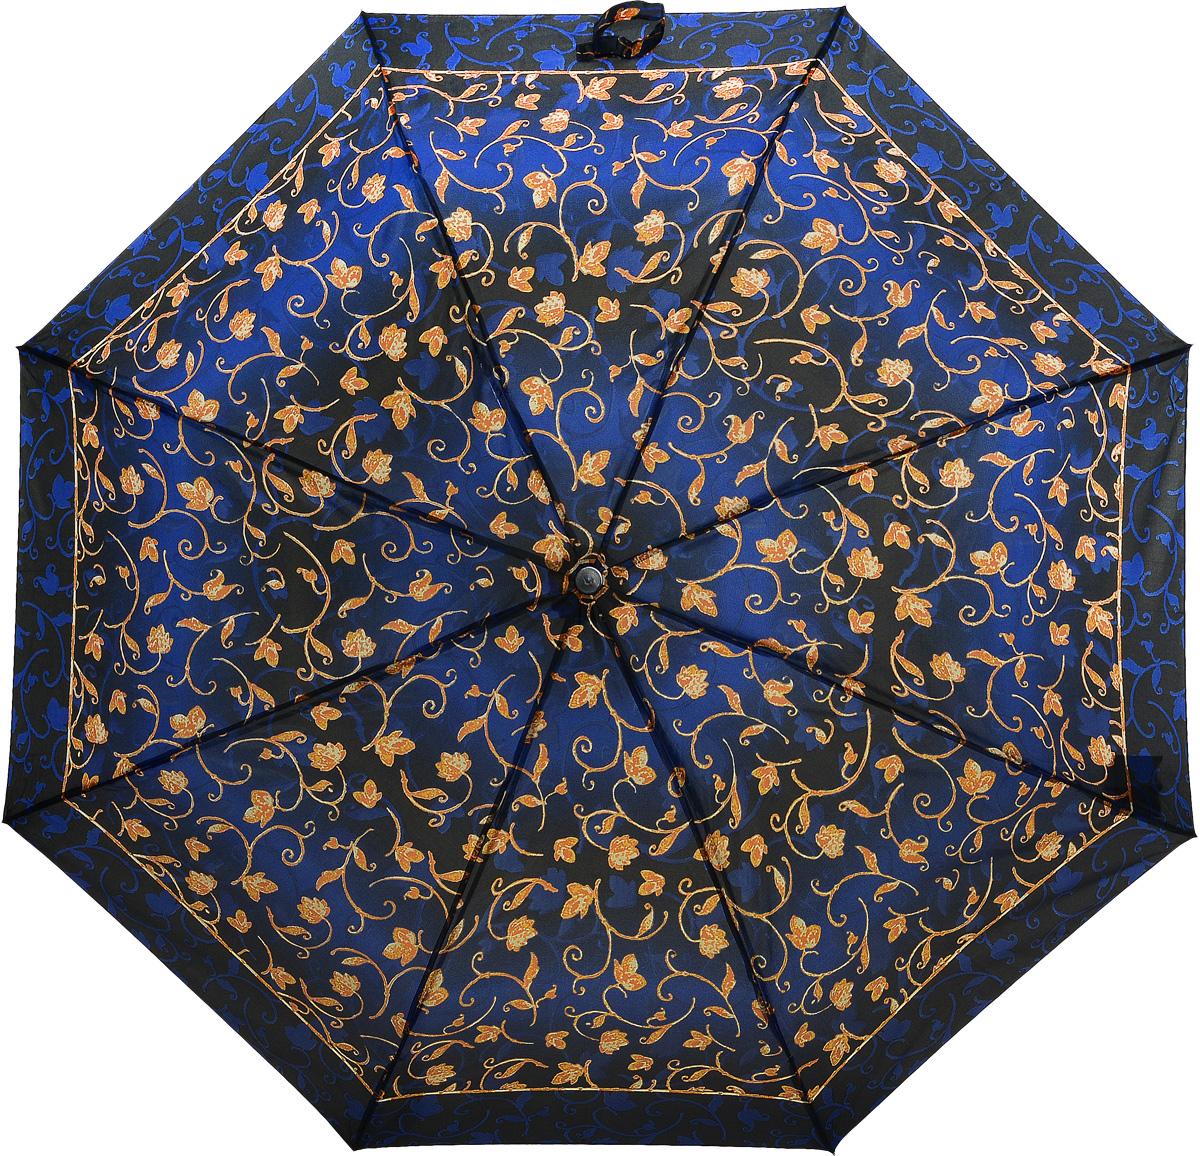 Зонт женский Prize, механический, 3 сложения, цвет: синий, фиолетовый. 355-131355-131Классический женский зонт в 3 сложения с механической системой открытия и закрытия. Удобная ручка выполнена из пластика. Модель зонта выполнена в стандартном размере. Данная модель пердставляет собой эконом класс.